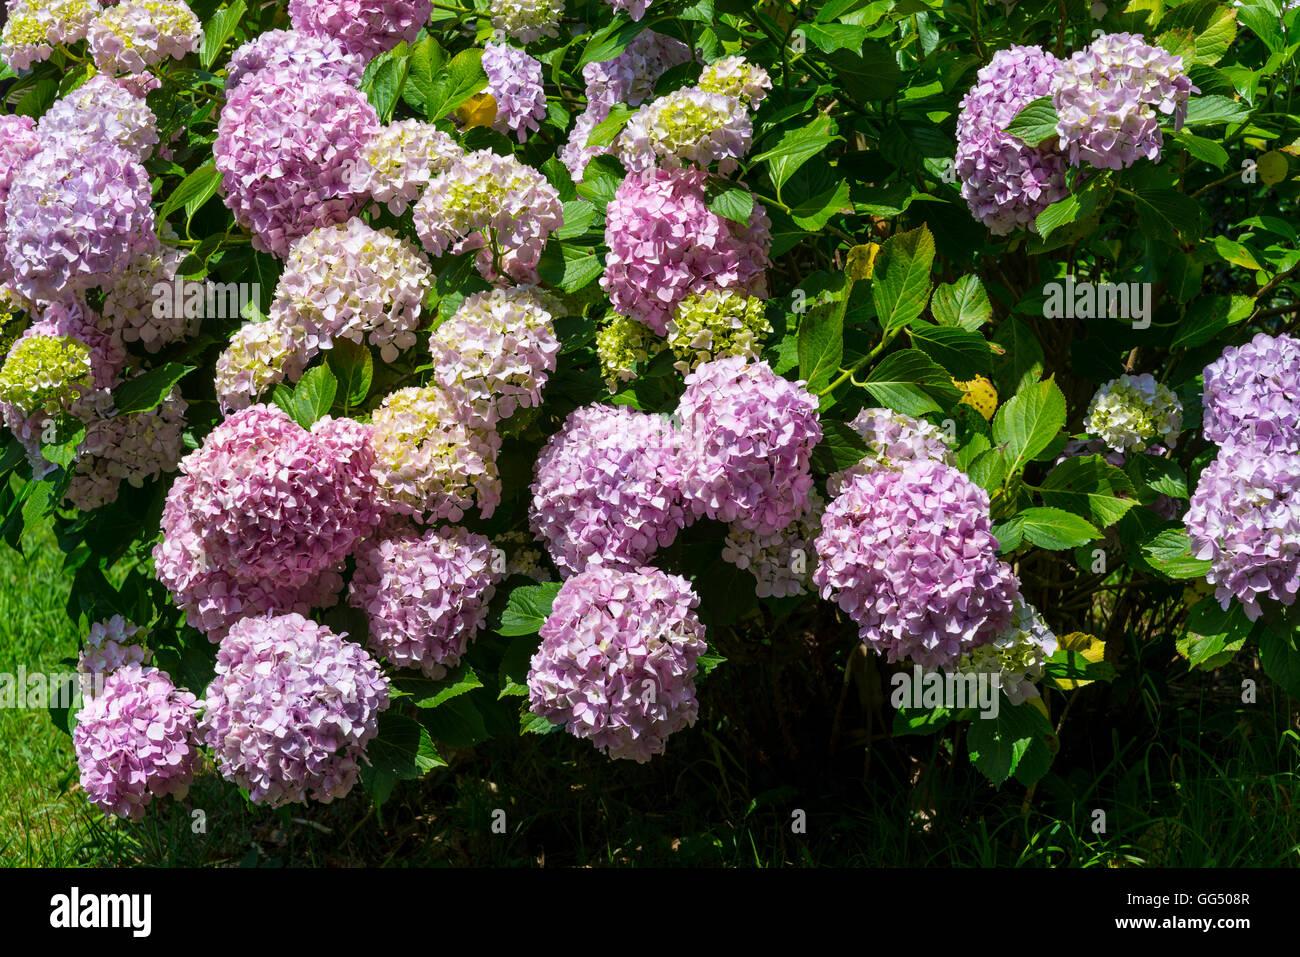 Hortensie Strauch in voller Blüte Stockfoto